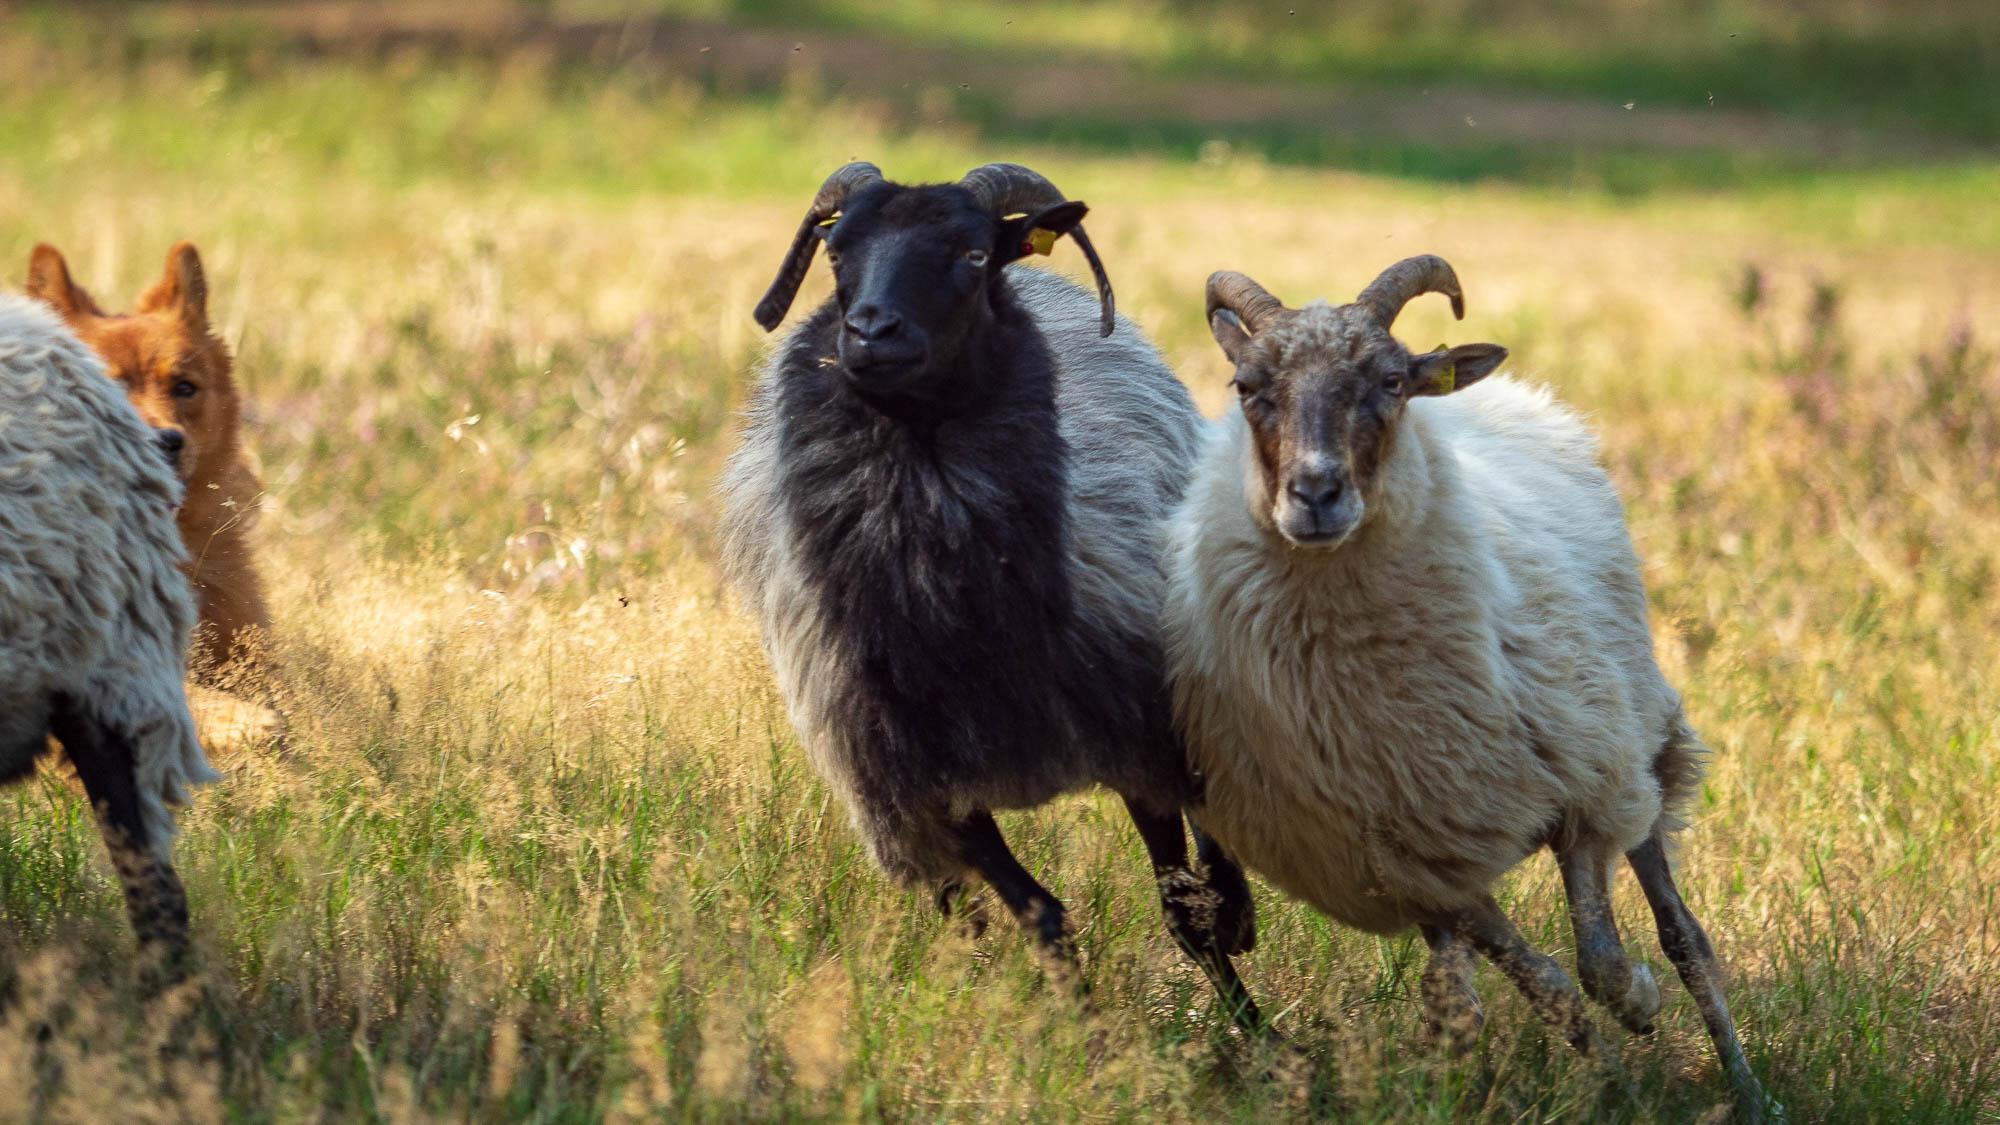 babblfisch / Schafe in Action